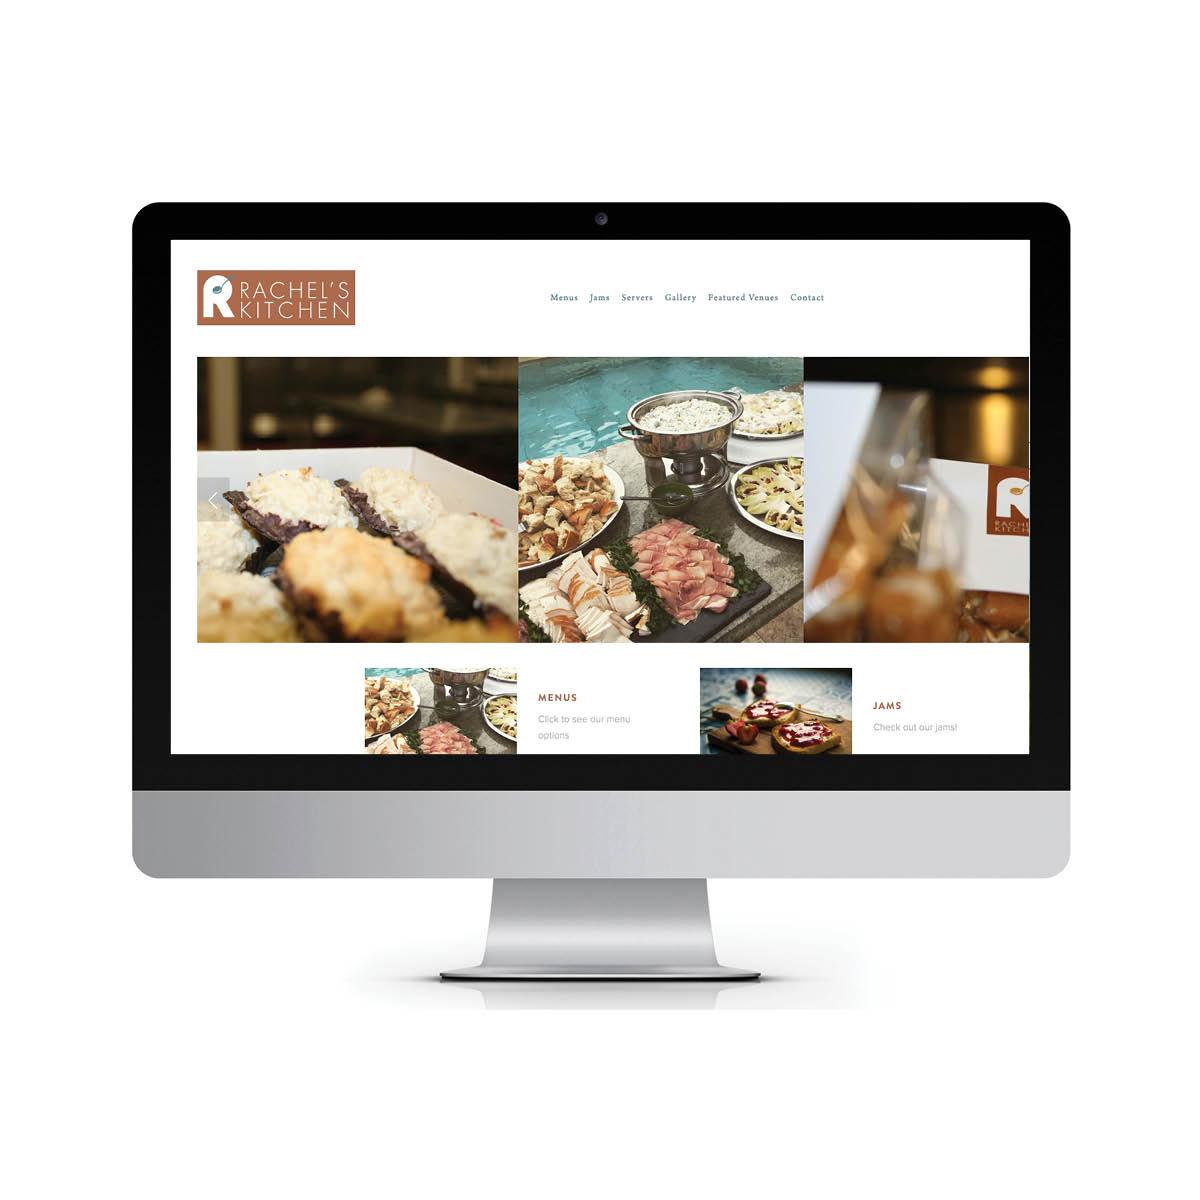 Rachel's Kitchen Website